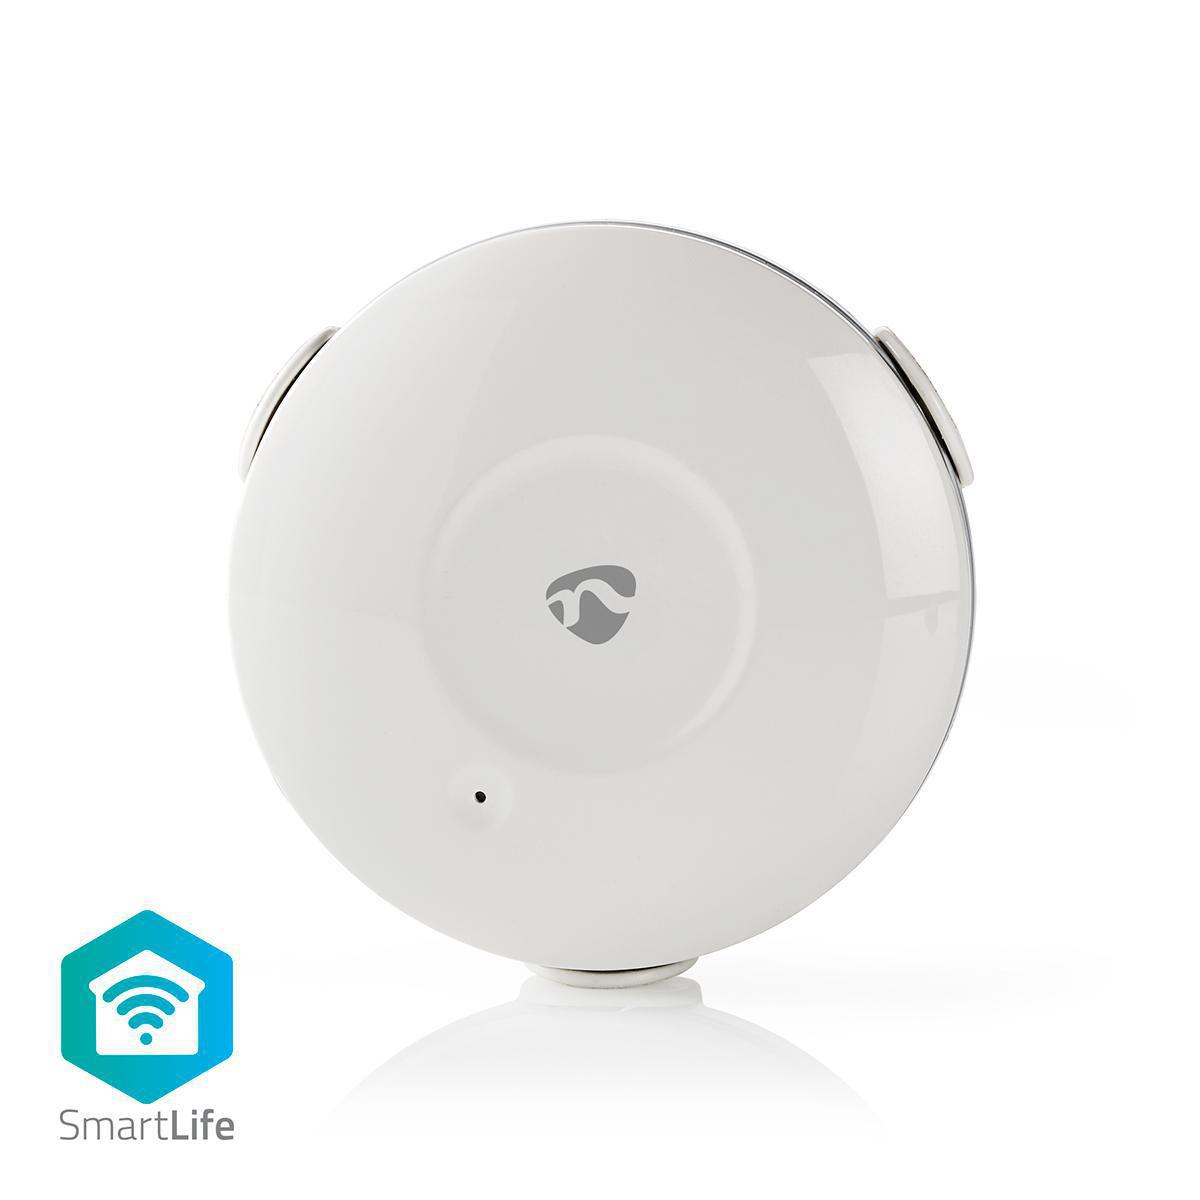 Deze slimme draadloze waterlekkagedetector met alarm is uiterst eenvoudig in gebruik. Hij wordt direct op uw Wi-Fi aangesloten: geen aparte hub vereist.<br /> <br /> Maakt het bewaken van waterlekkages op moeilijk te bereiken plaatsen eenvoudig<br /> Eenvoudig te bedien